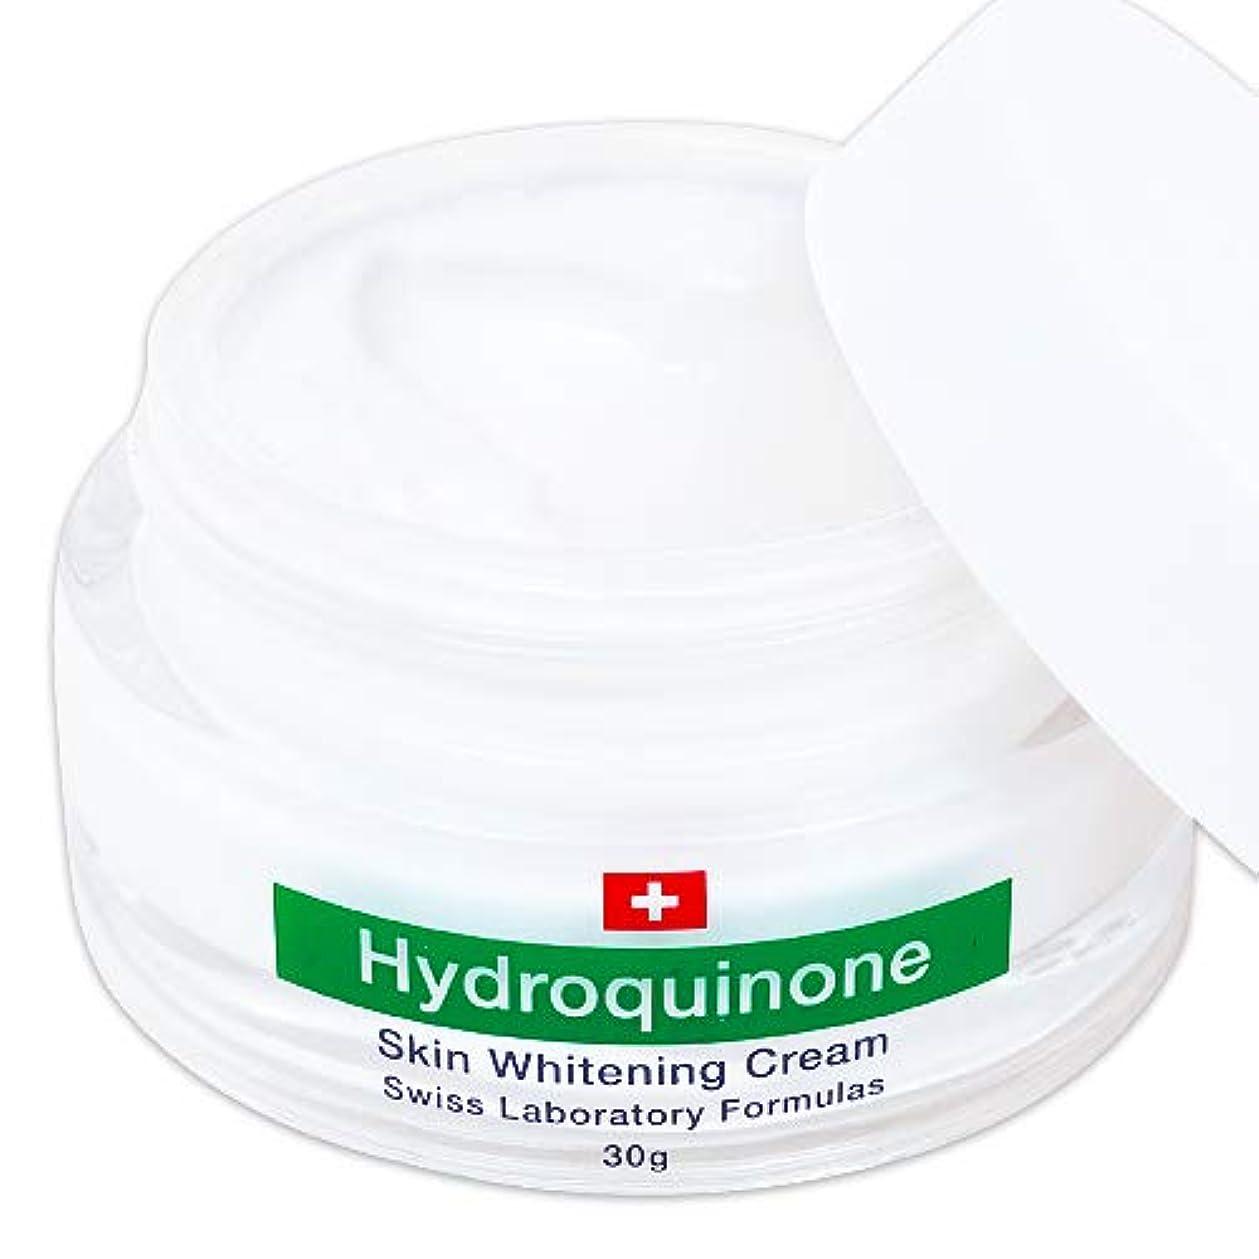 スイス発 ハイドロキノン 3% 集中 美白 クリーム [並行輸入品]